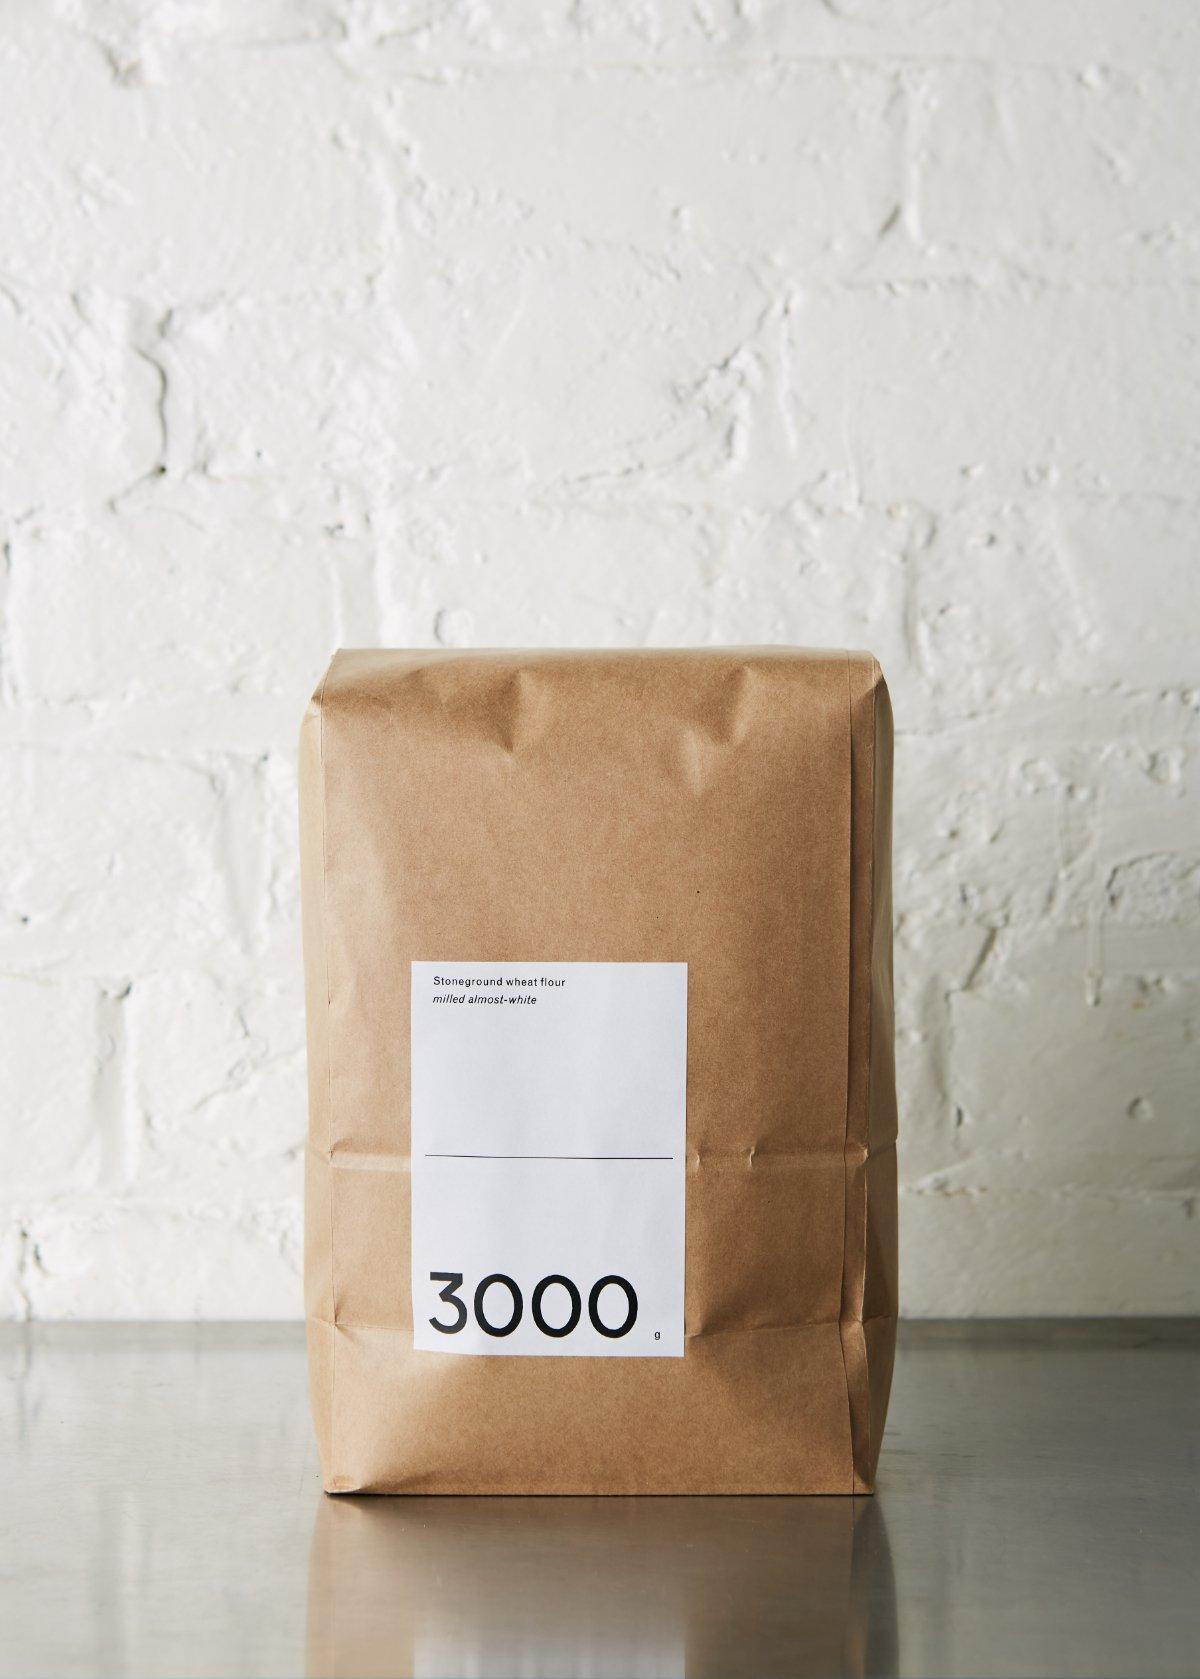 Flour (3000g)